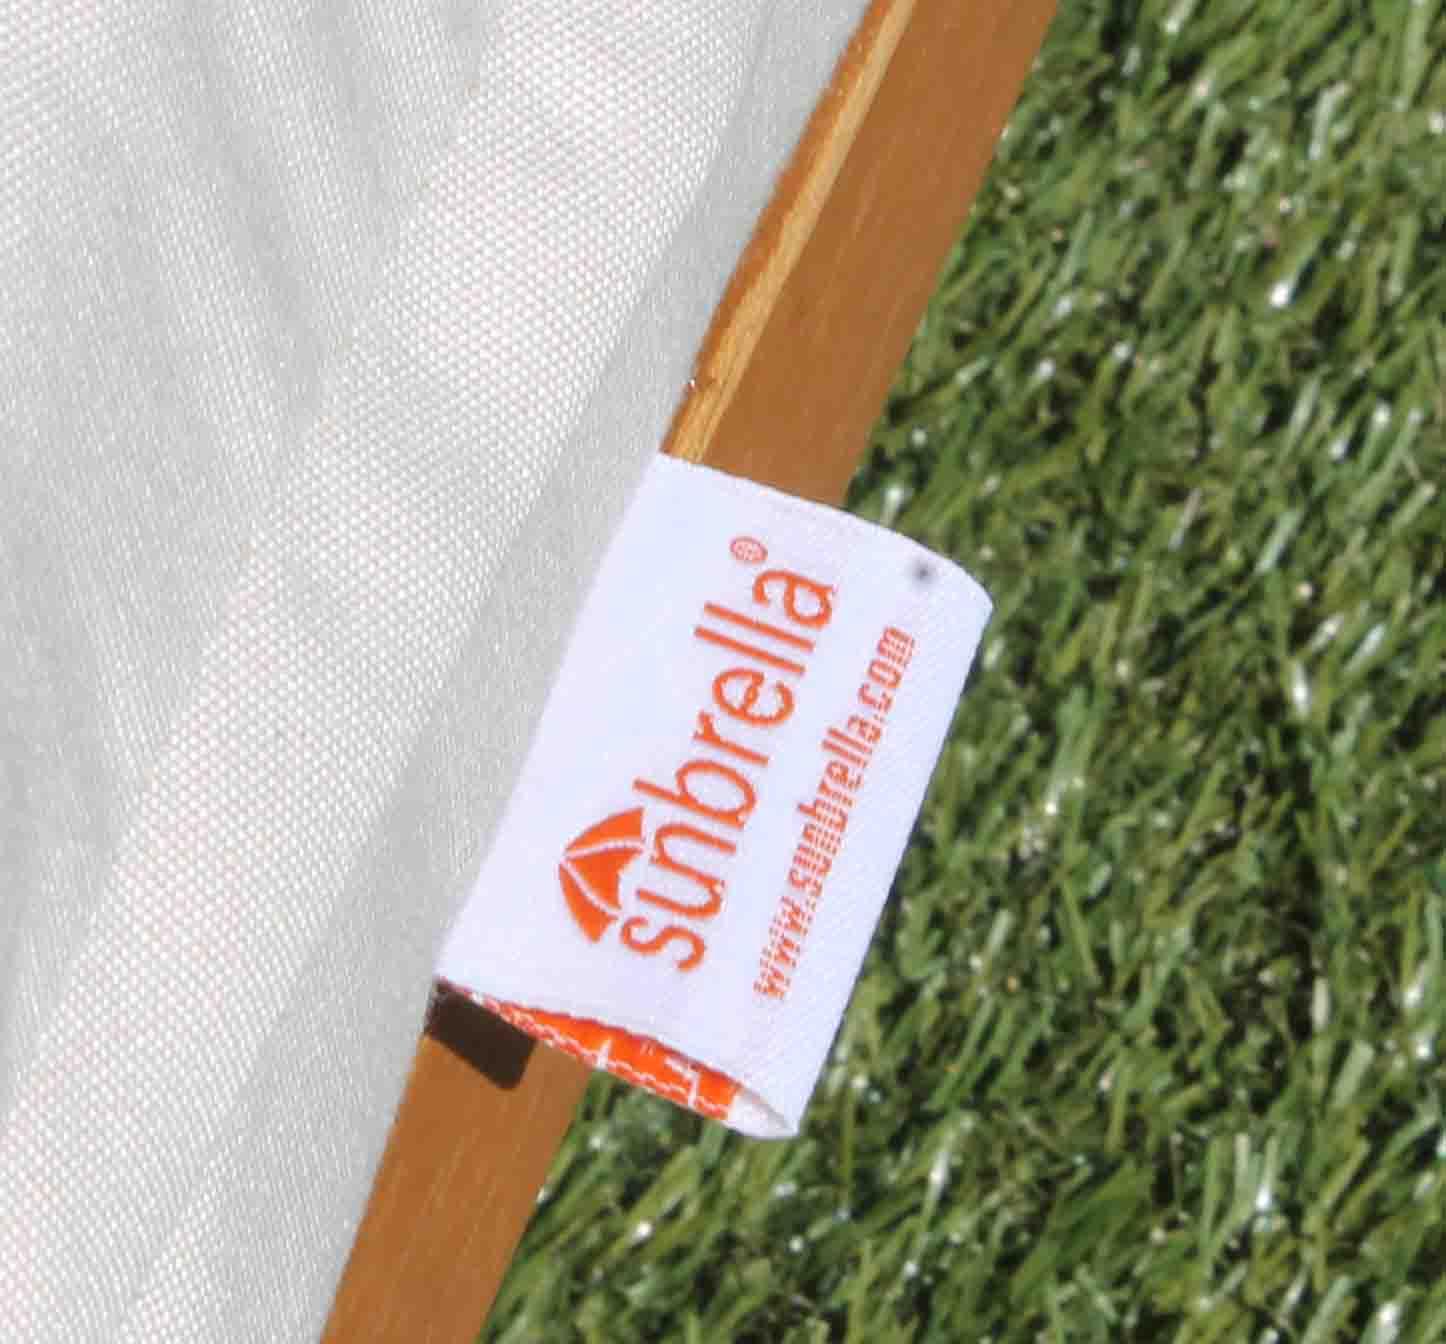 sale sunbrella fabric hampton chair cushion pad - Sunbrella Fabric